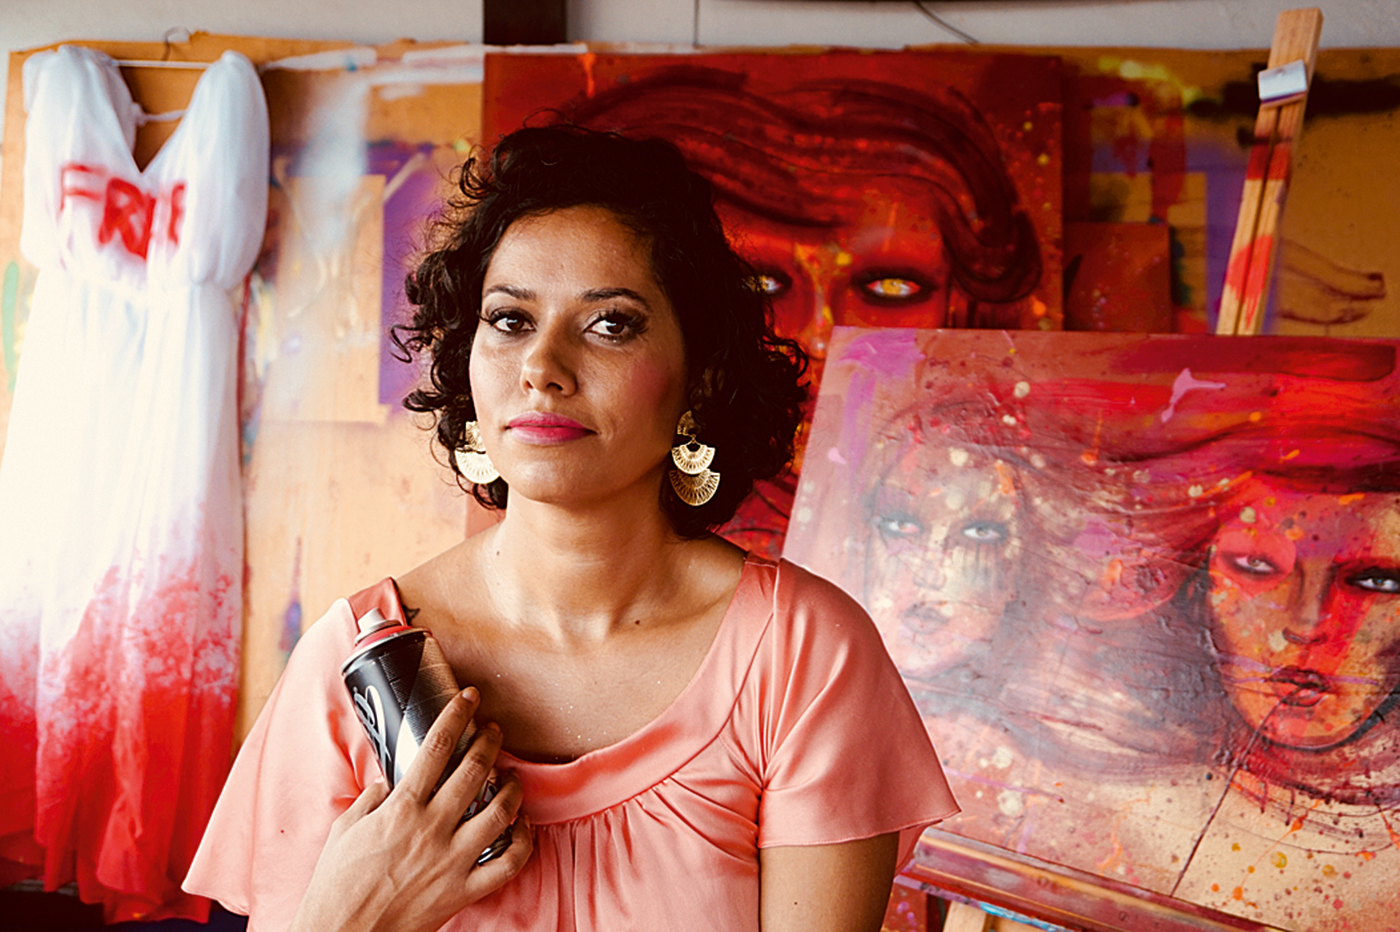 A imagem mostra a artista Panmela Catsri à frente de um de seus trabalhos, com uma lata de tinta em spray na mão